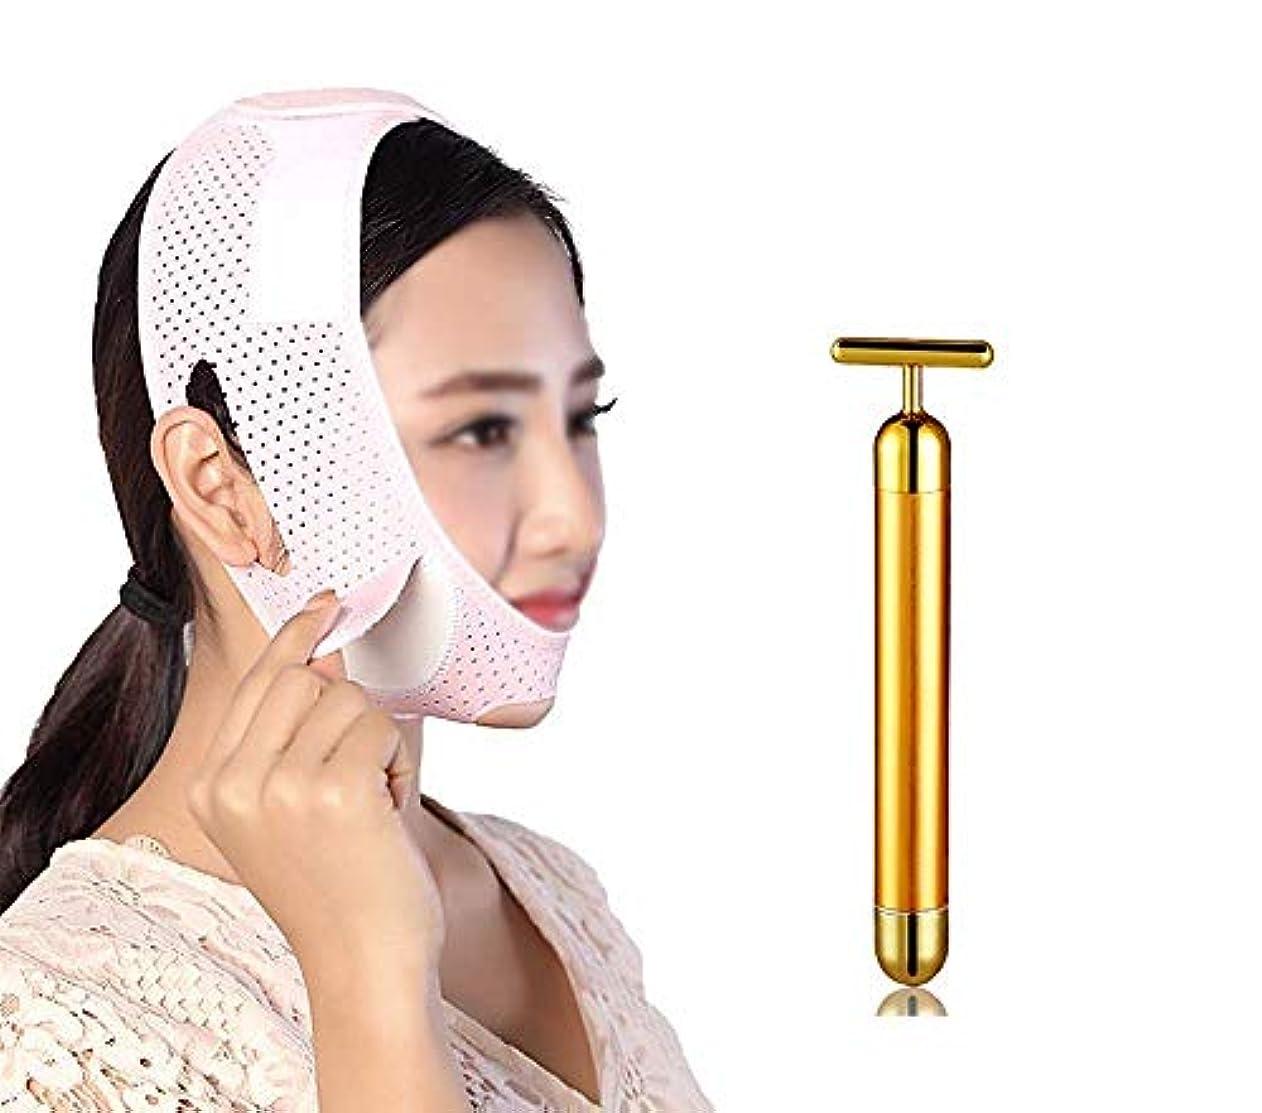 古い空の会話顔と首を持ち上げる術後弾性セットVフェイスマスクは、チンV顔アーティファクト回復サポートベルトの収縮の調整を強化します。